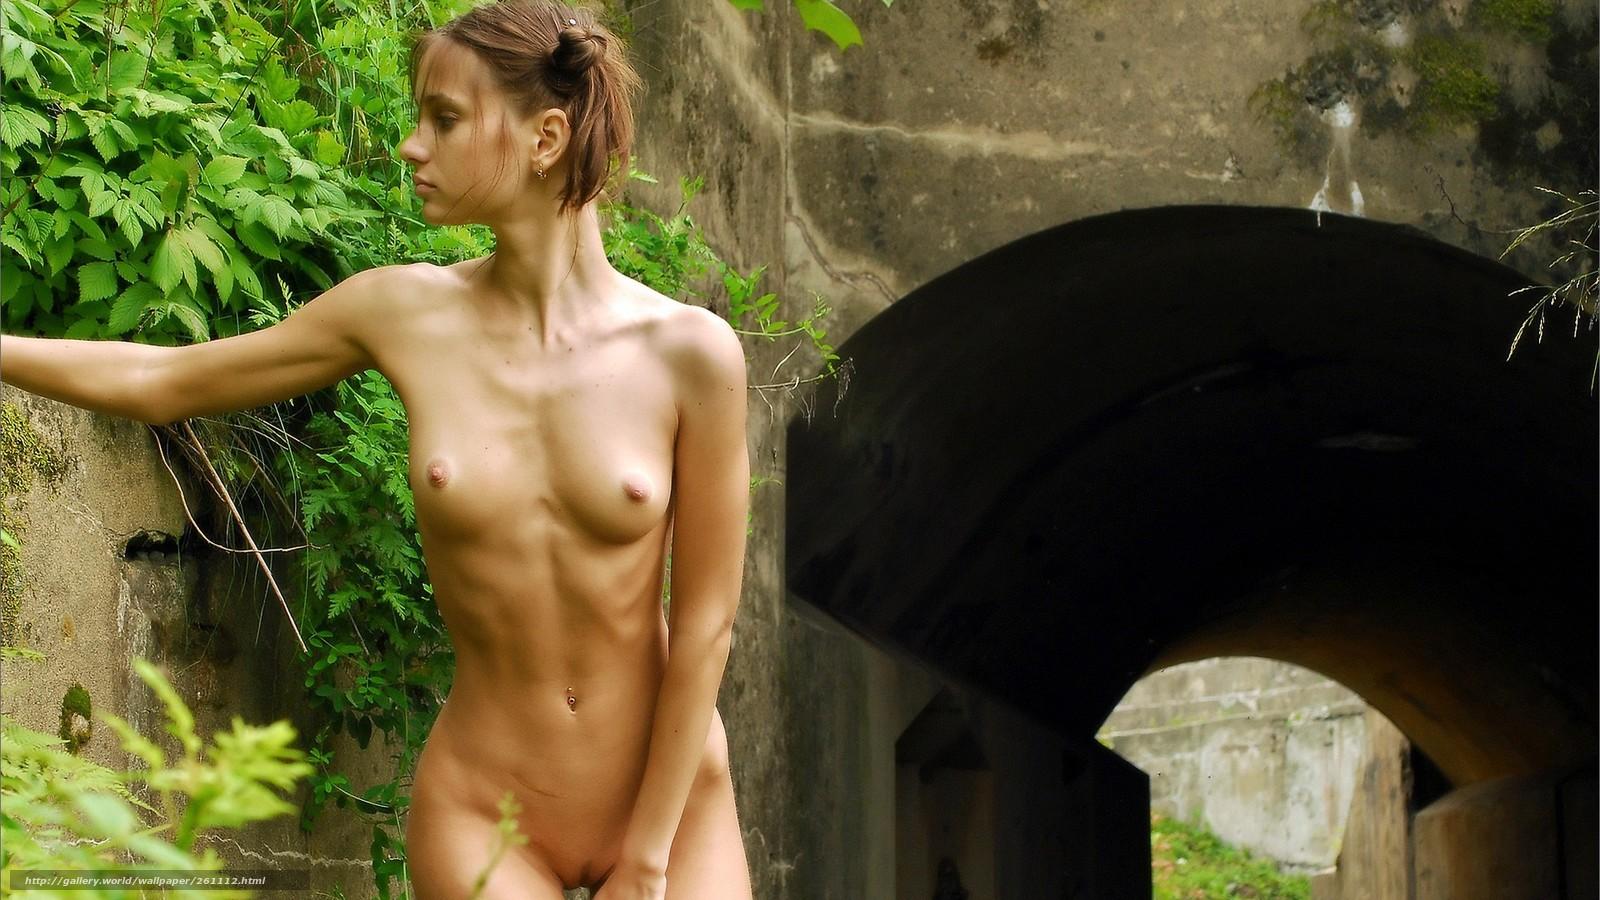 Супер секси девушка фото 17 фотография